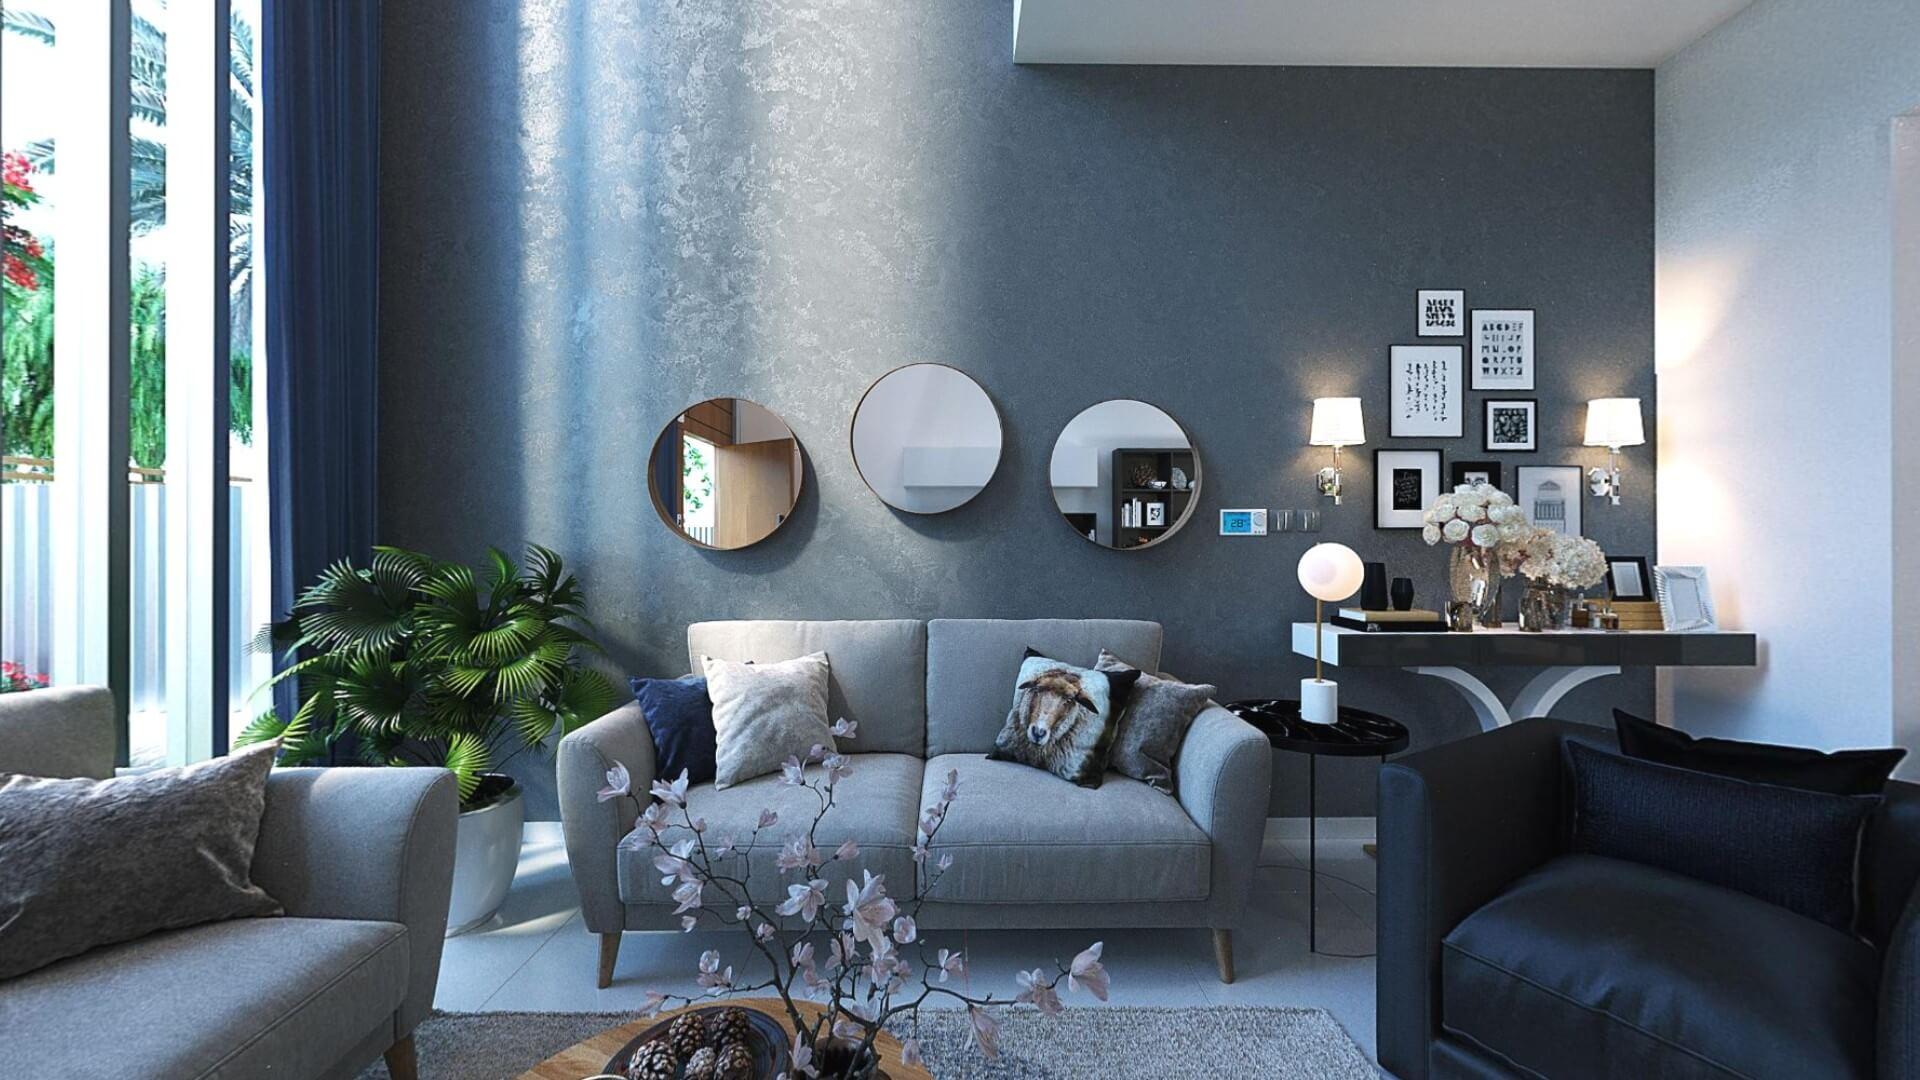 Adosado en venta en Dubai, EAU, 1 dormitorio, 90 m2, № 24557 – foto 1